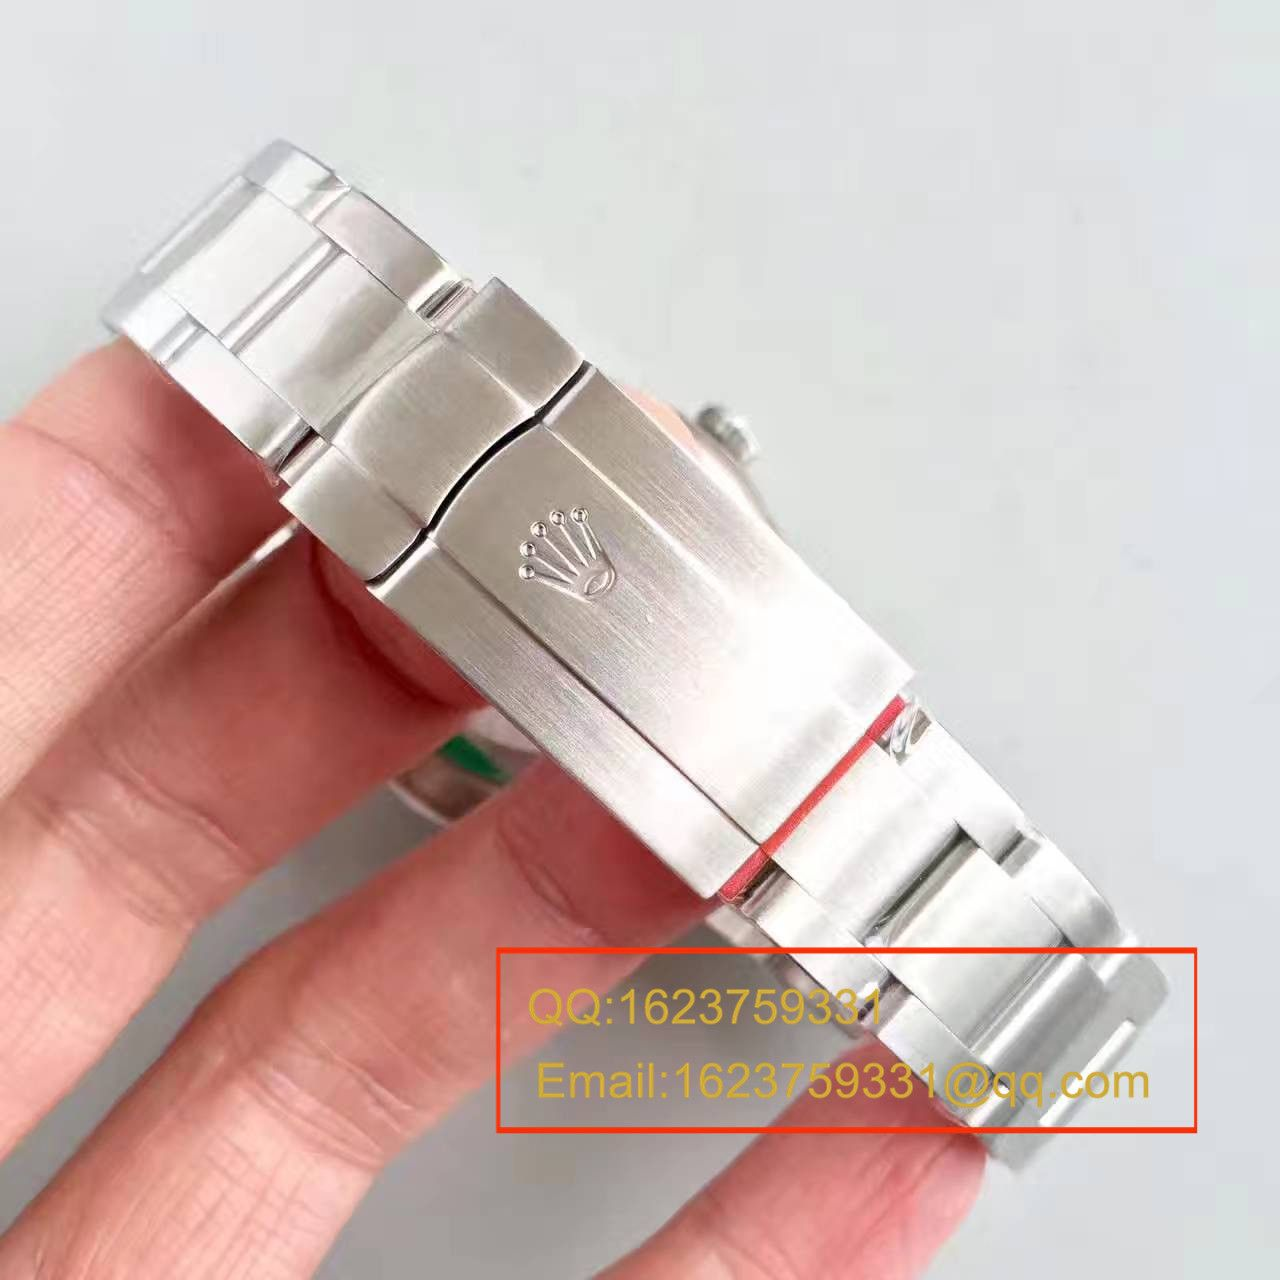 【JF厂级复刻手表】劳力士蚝式恒动系列114300蓝盘腕表 / R150